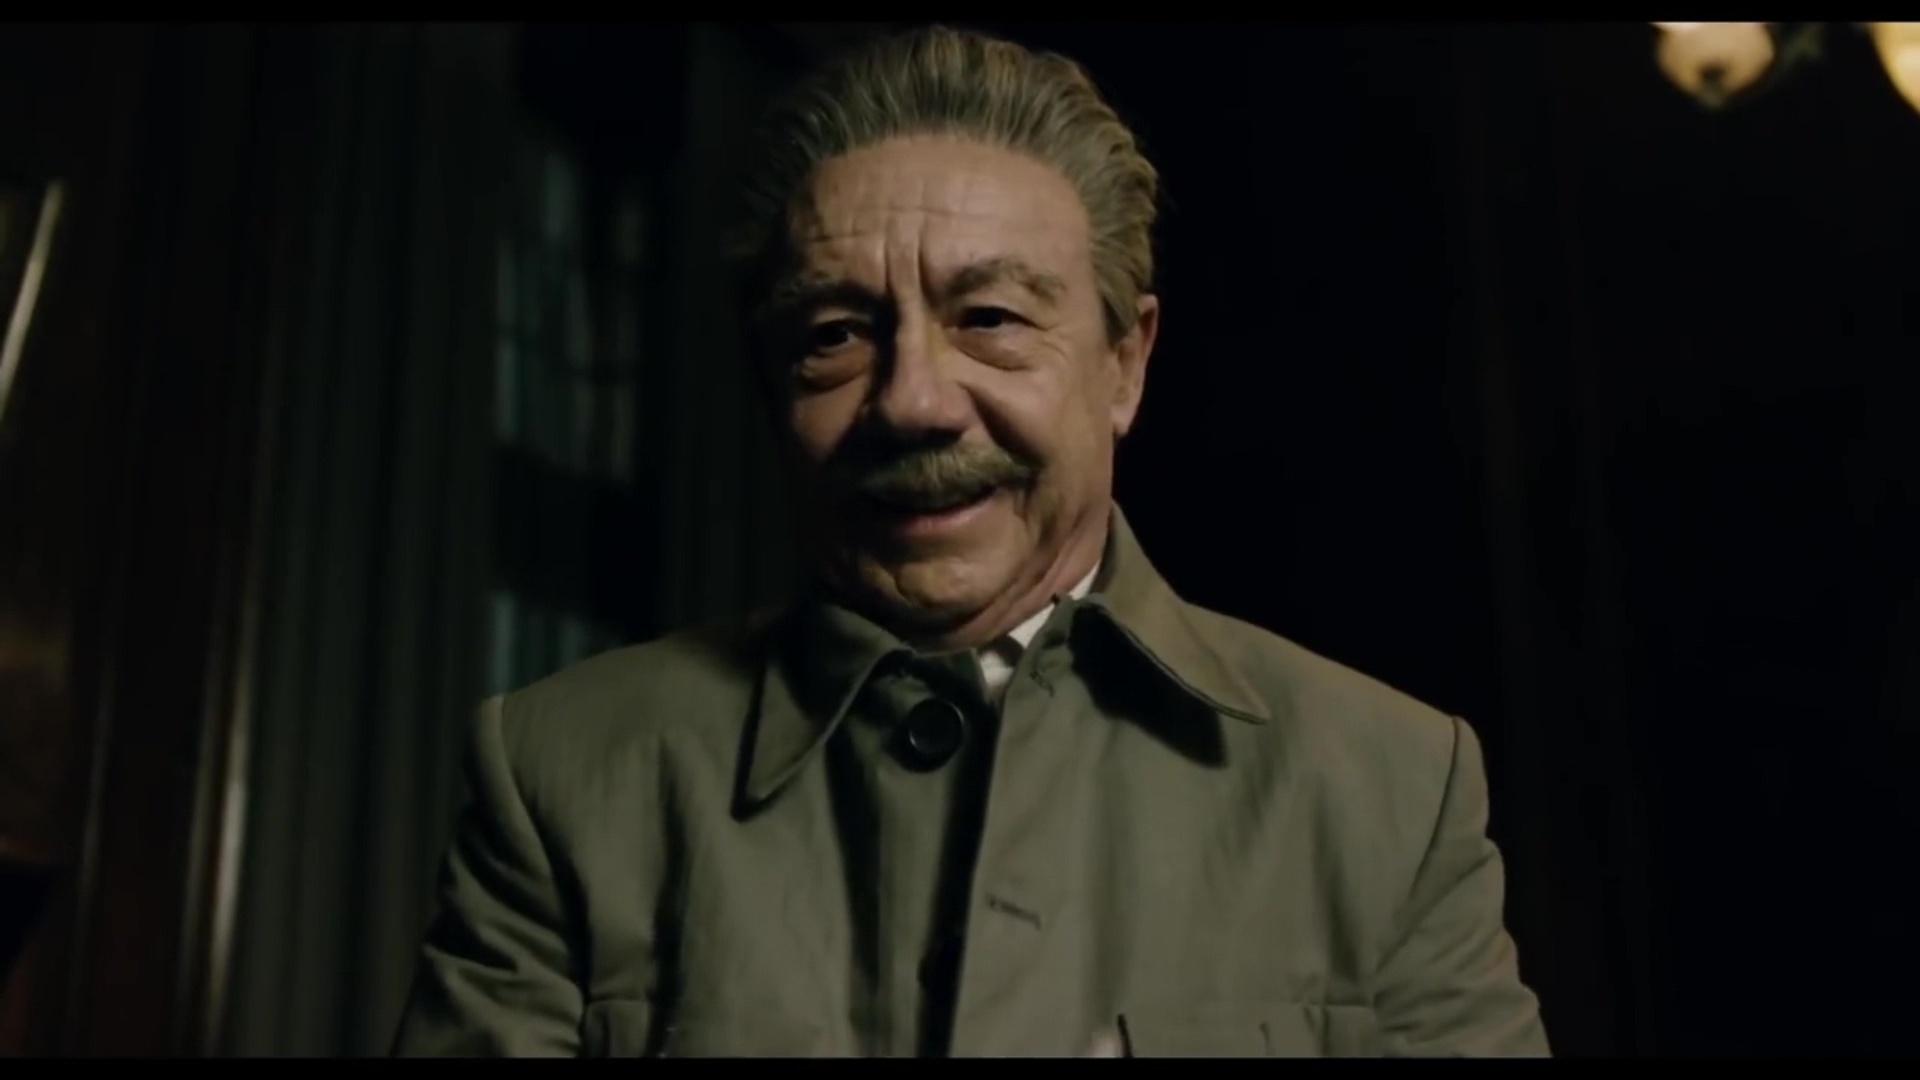 """Kineastët rusë kundër filmit """"Vdiq një Stalin, do bëjmë një tjetër"""""""